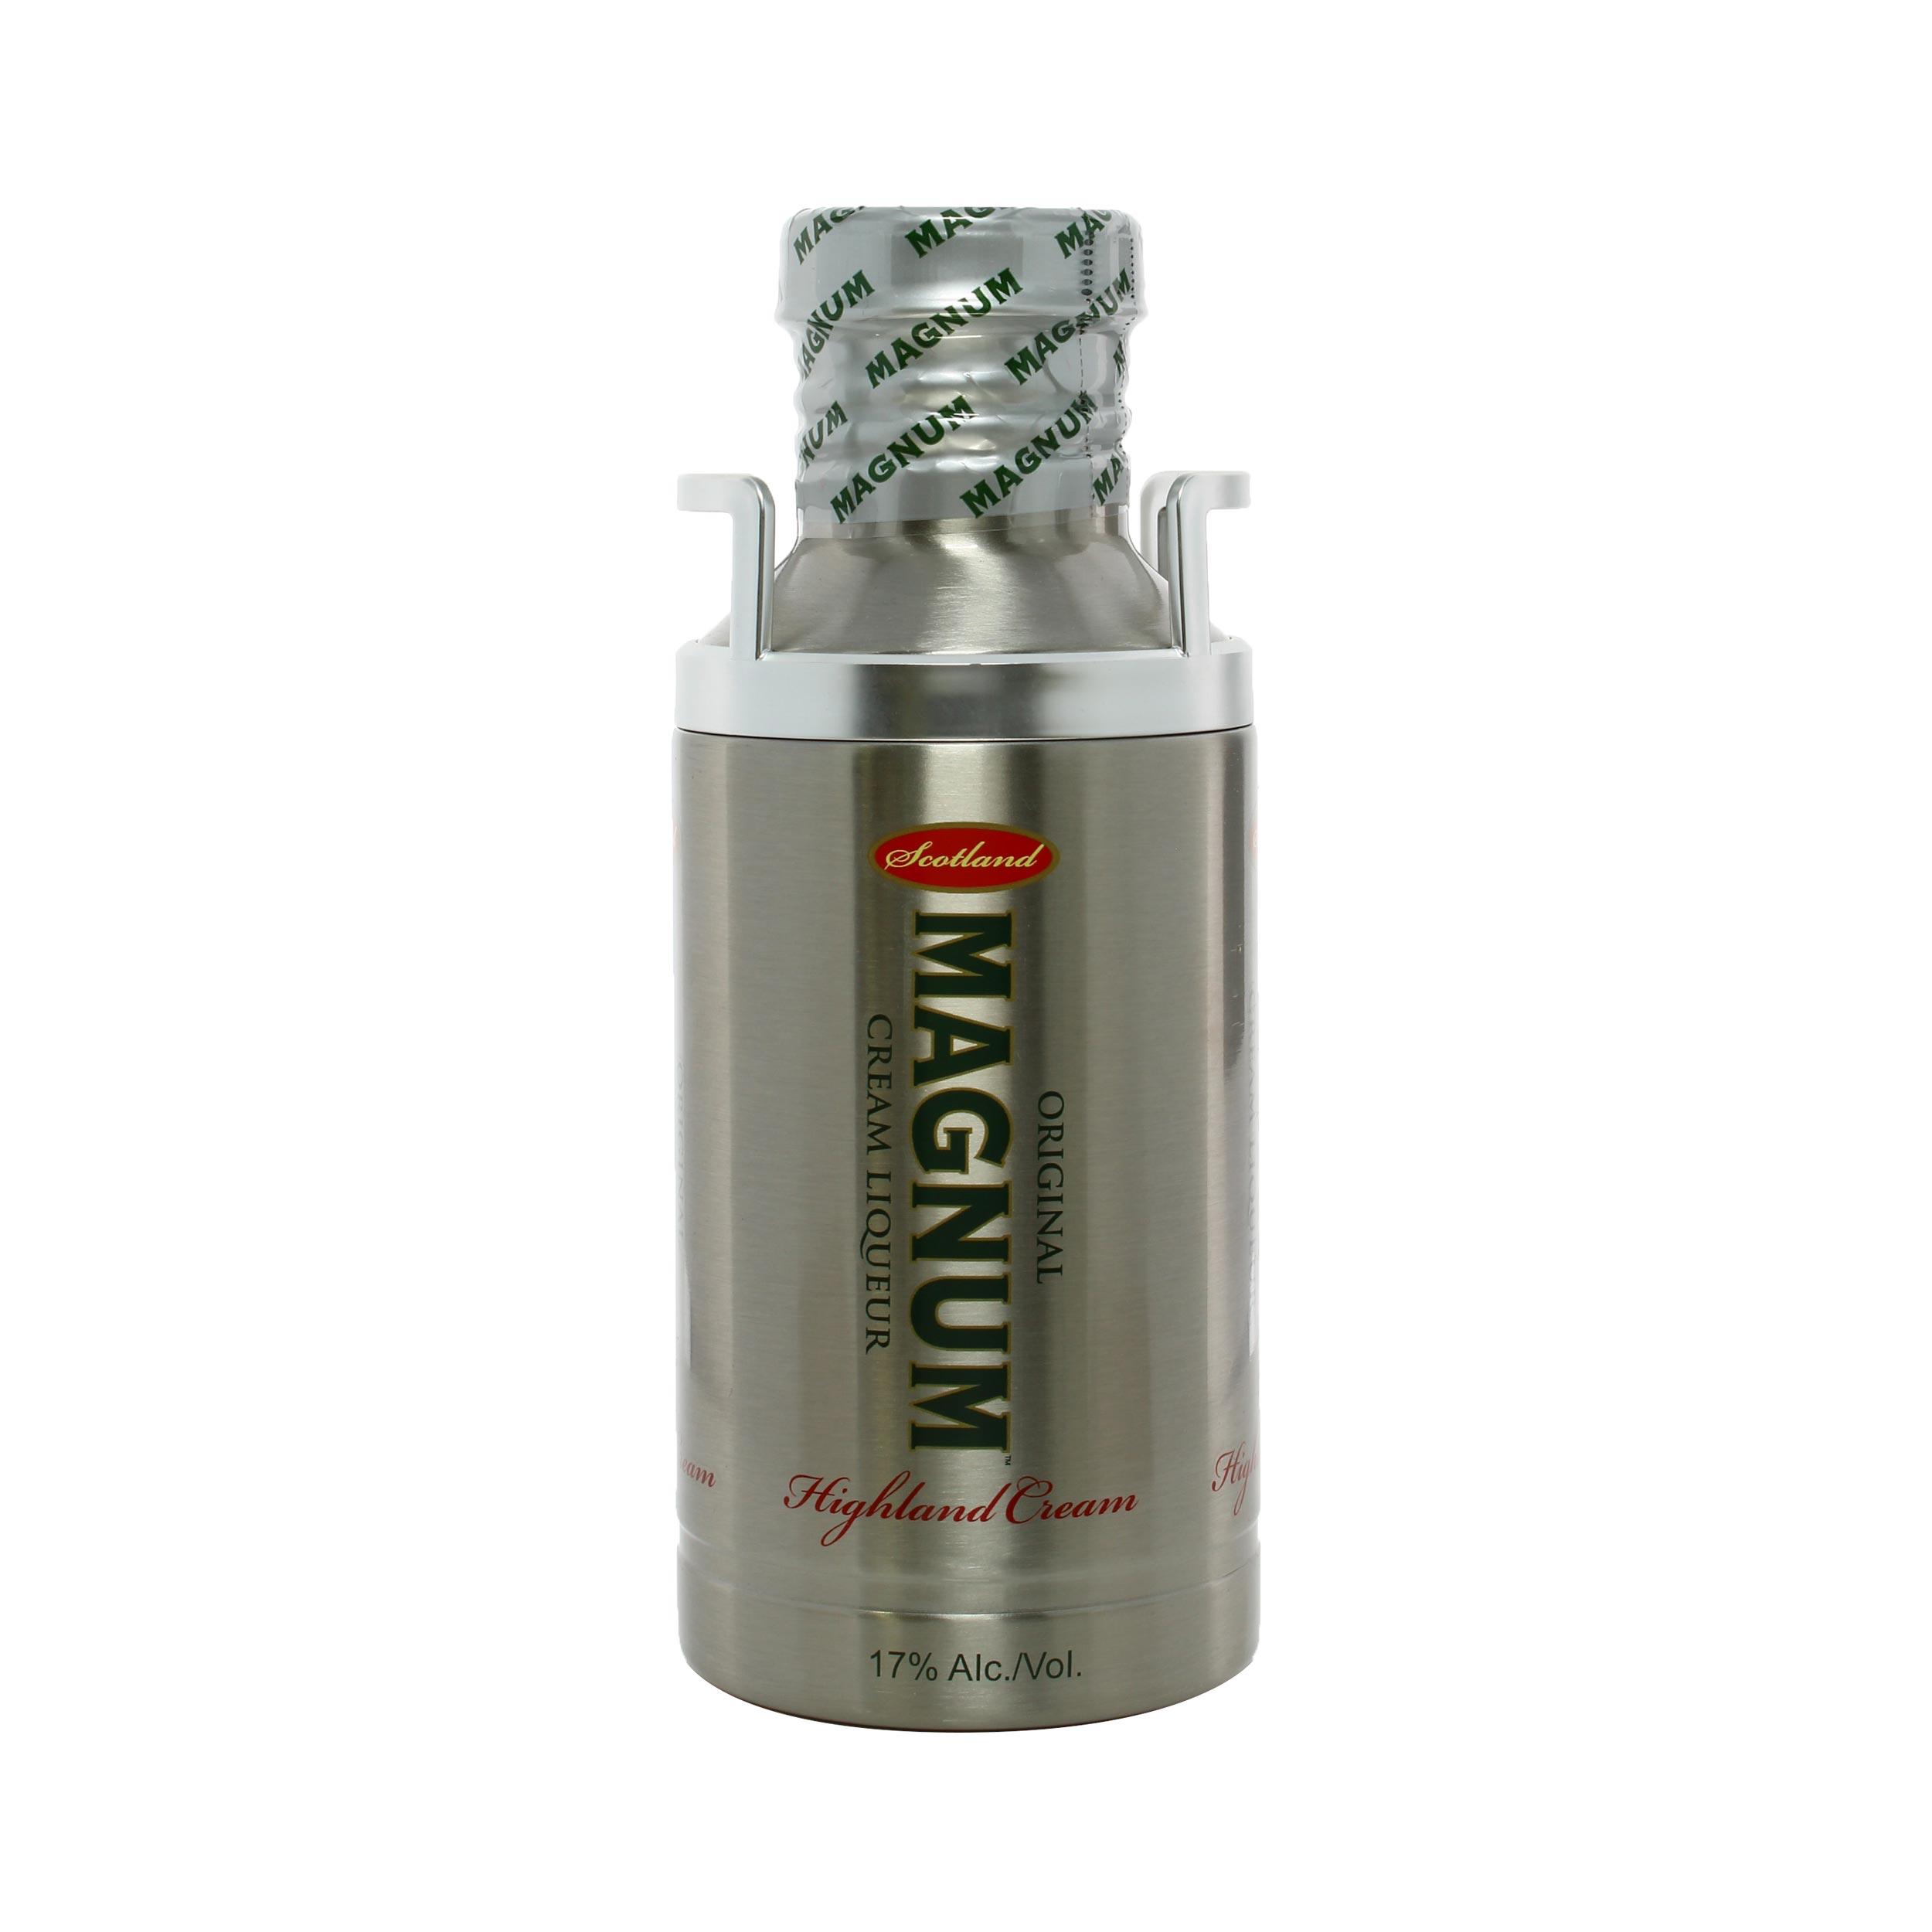 Magnum Highland Cream Liqueur 70cl